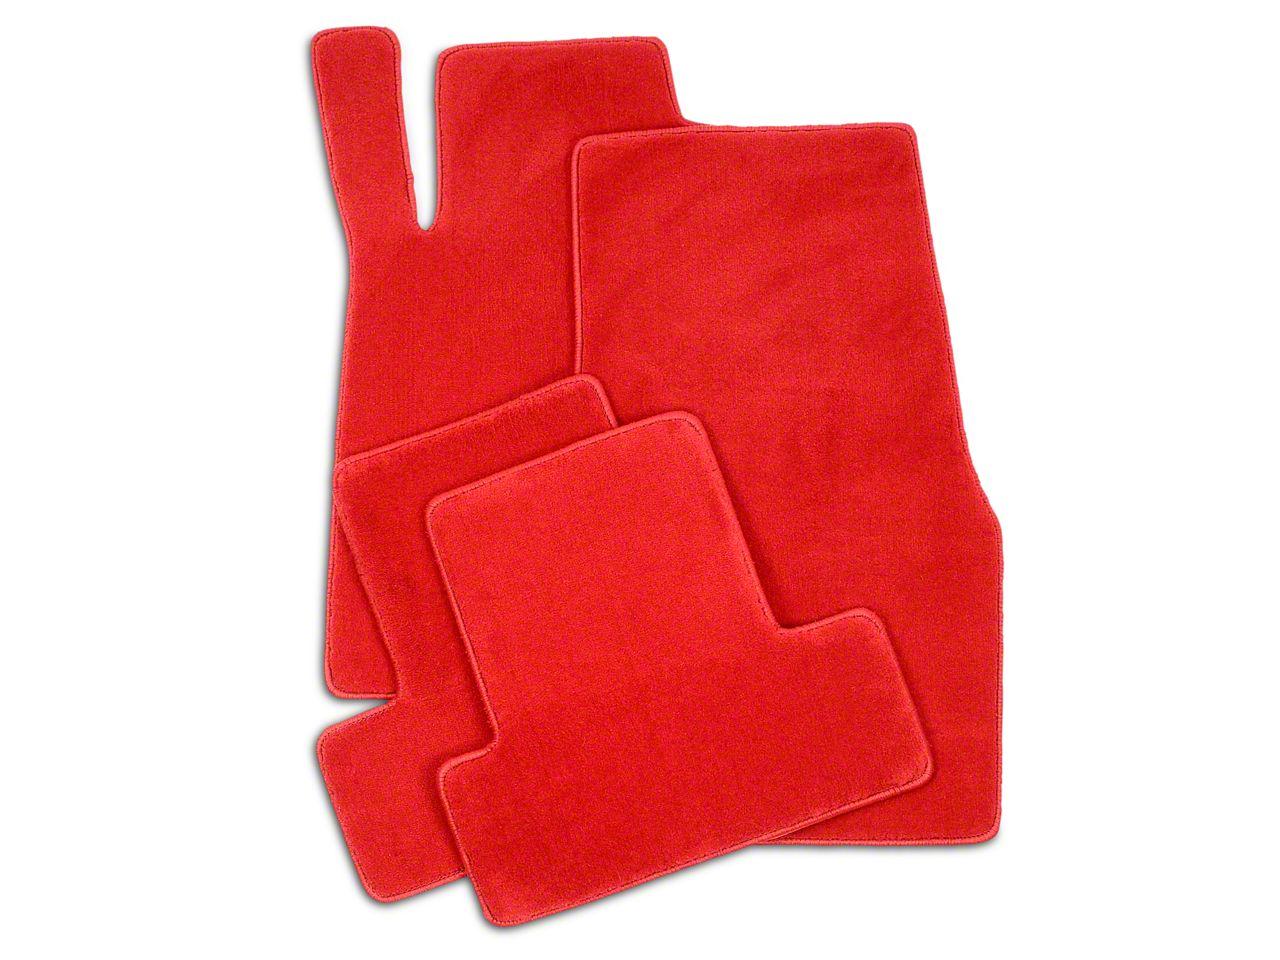 Lloyd Front & Rear Floor Mats - Red (05-10 All)